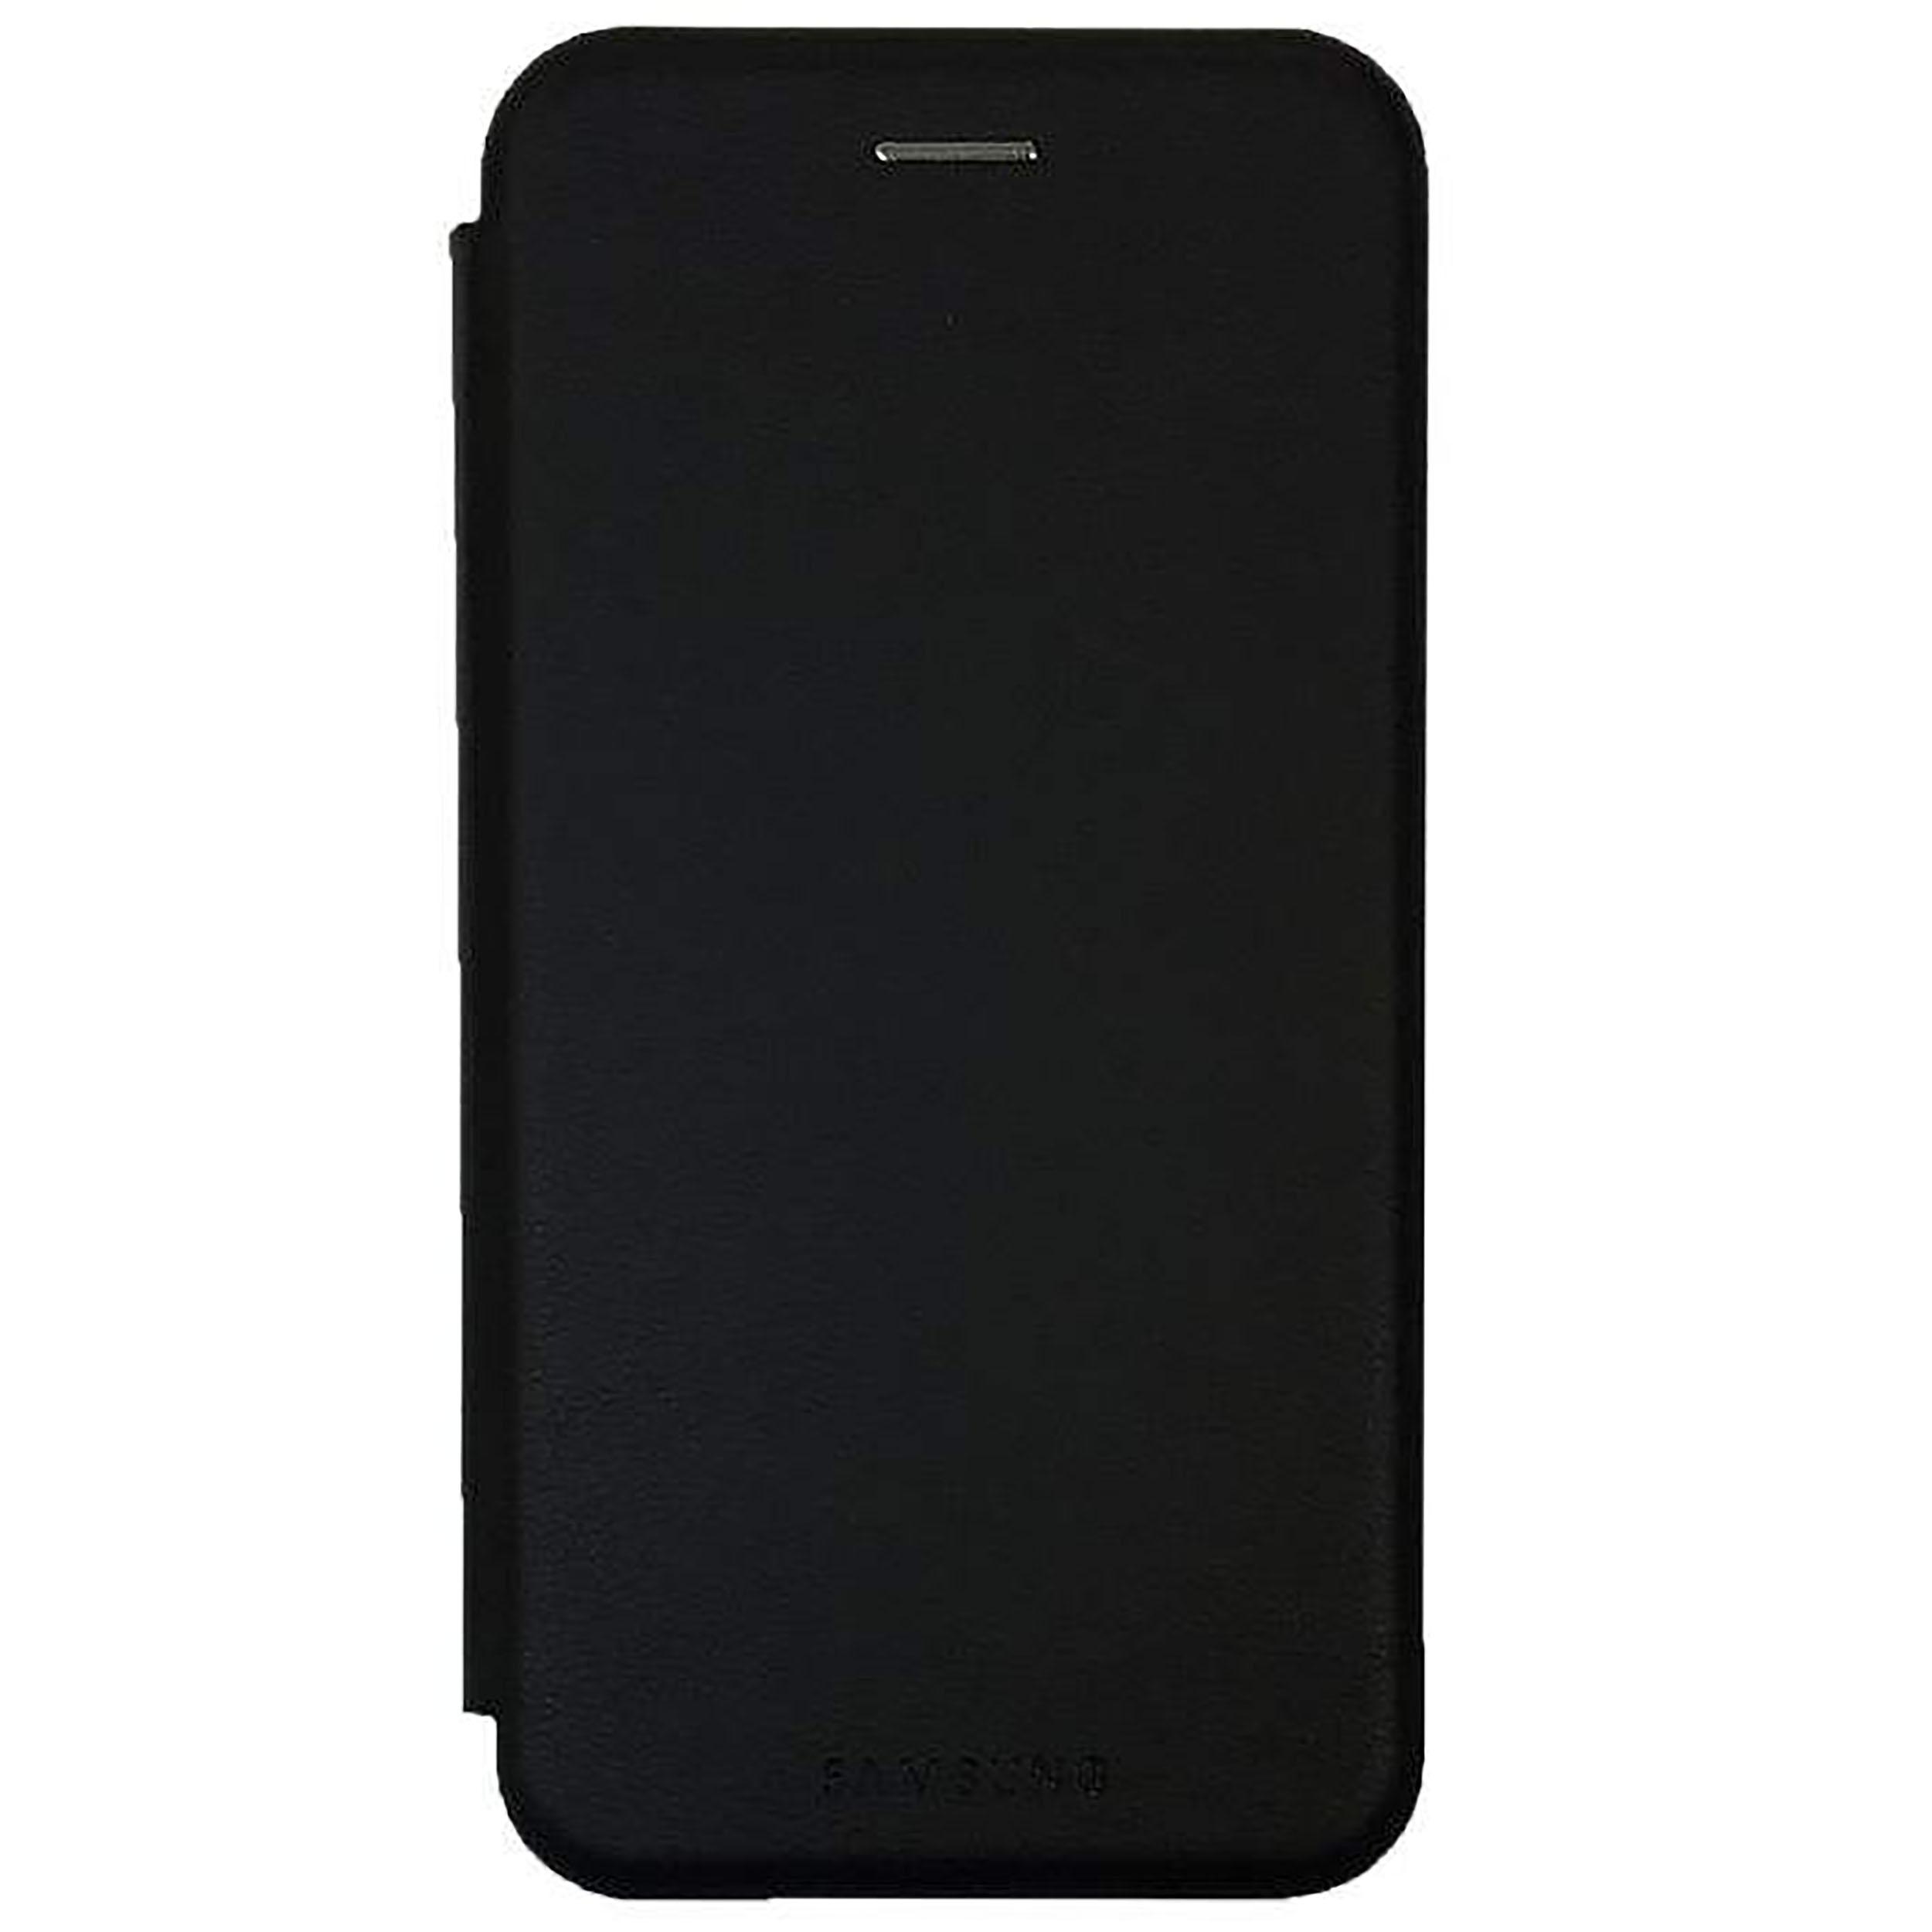 کیف کلاسوری مدل Op-1 مناسب برای گوشی موبایل سامسونگ Galaxy J3 Pro